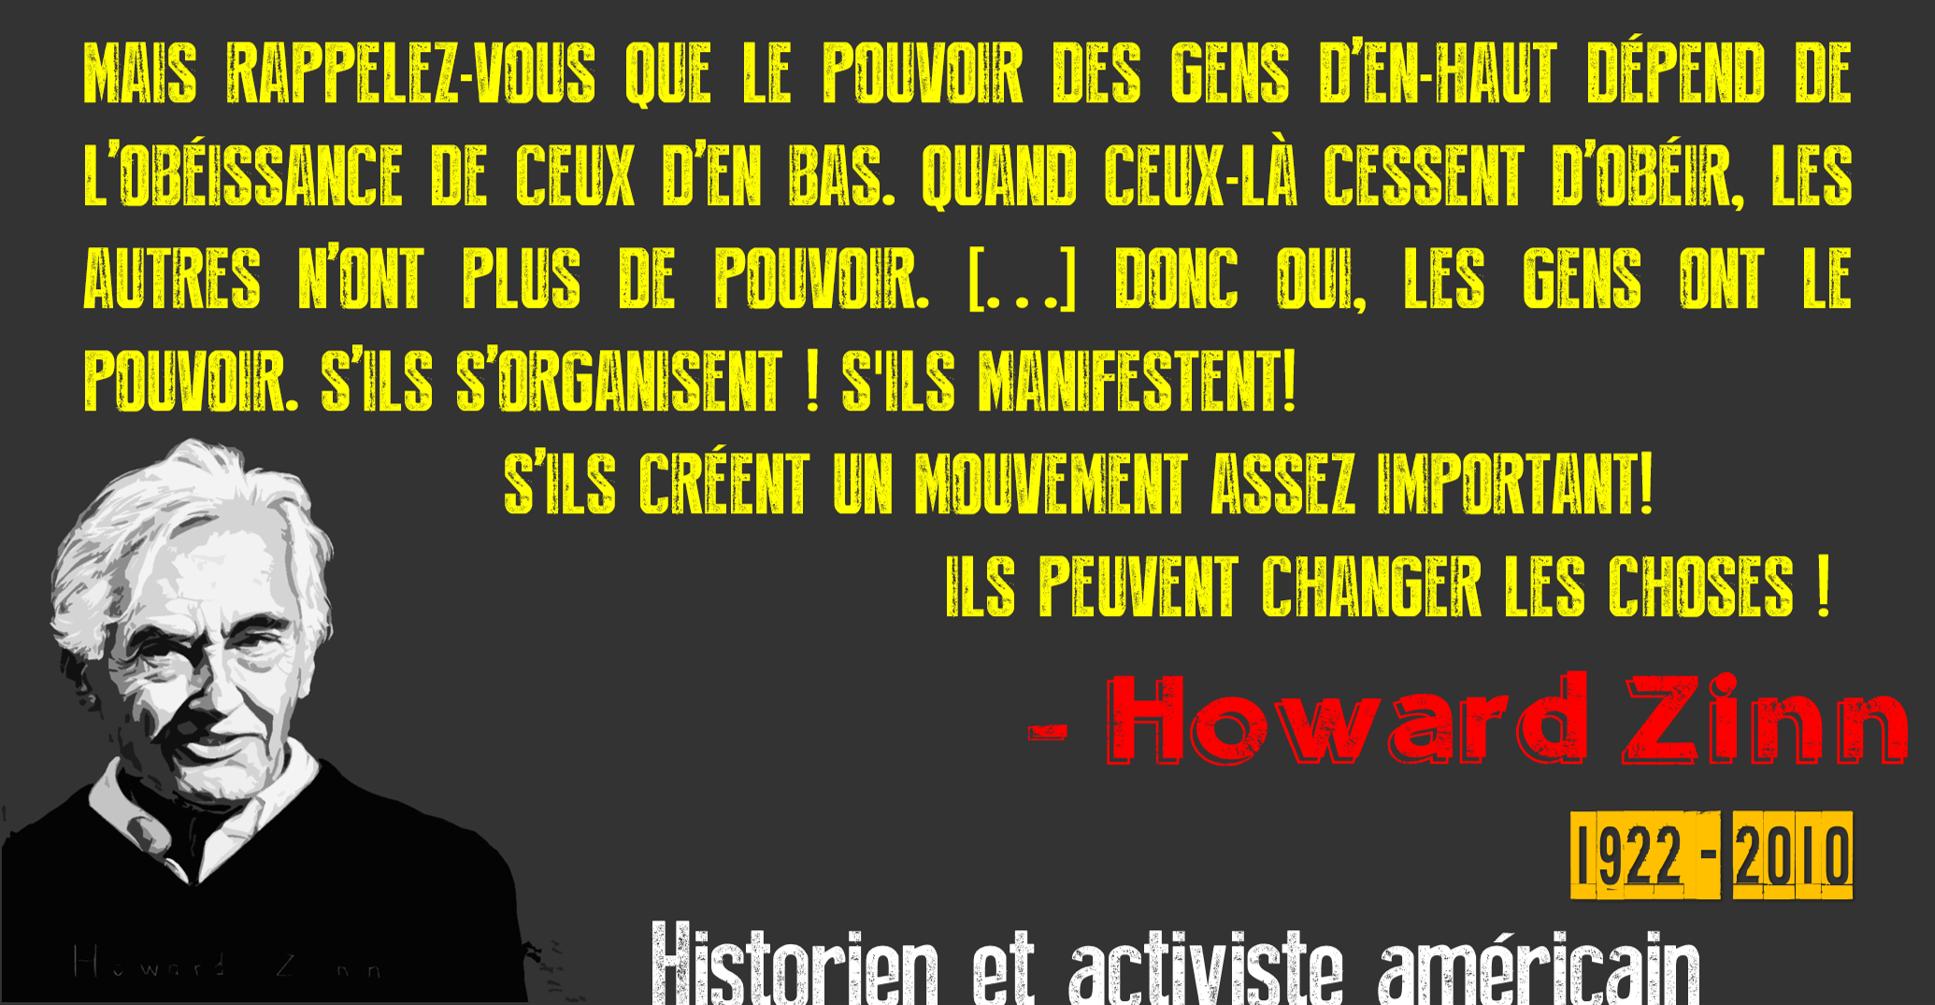 5 ans après : Longue vie à Howard Zinn!